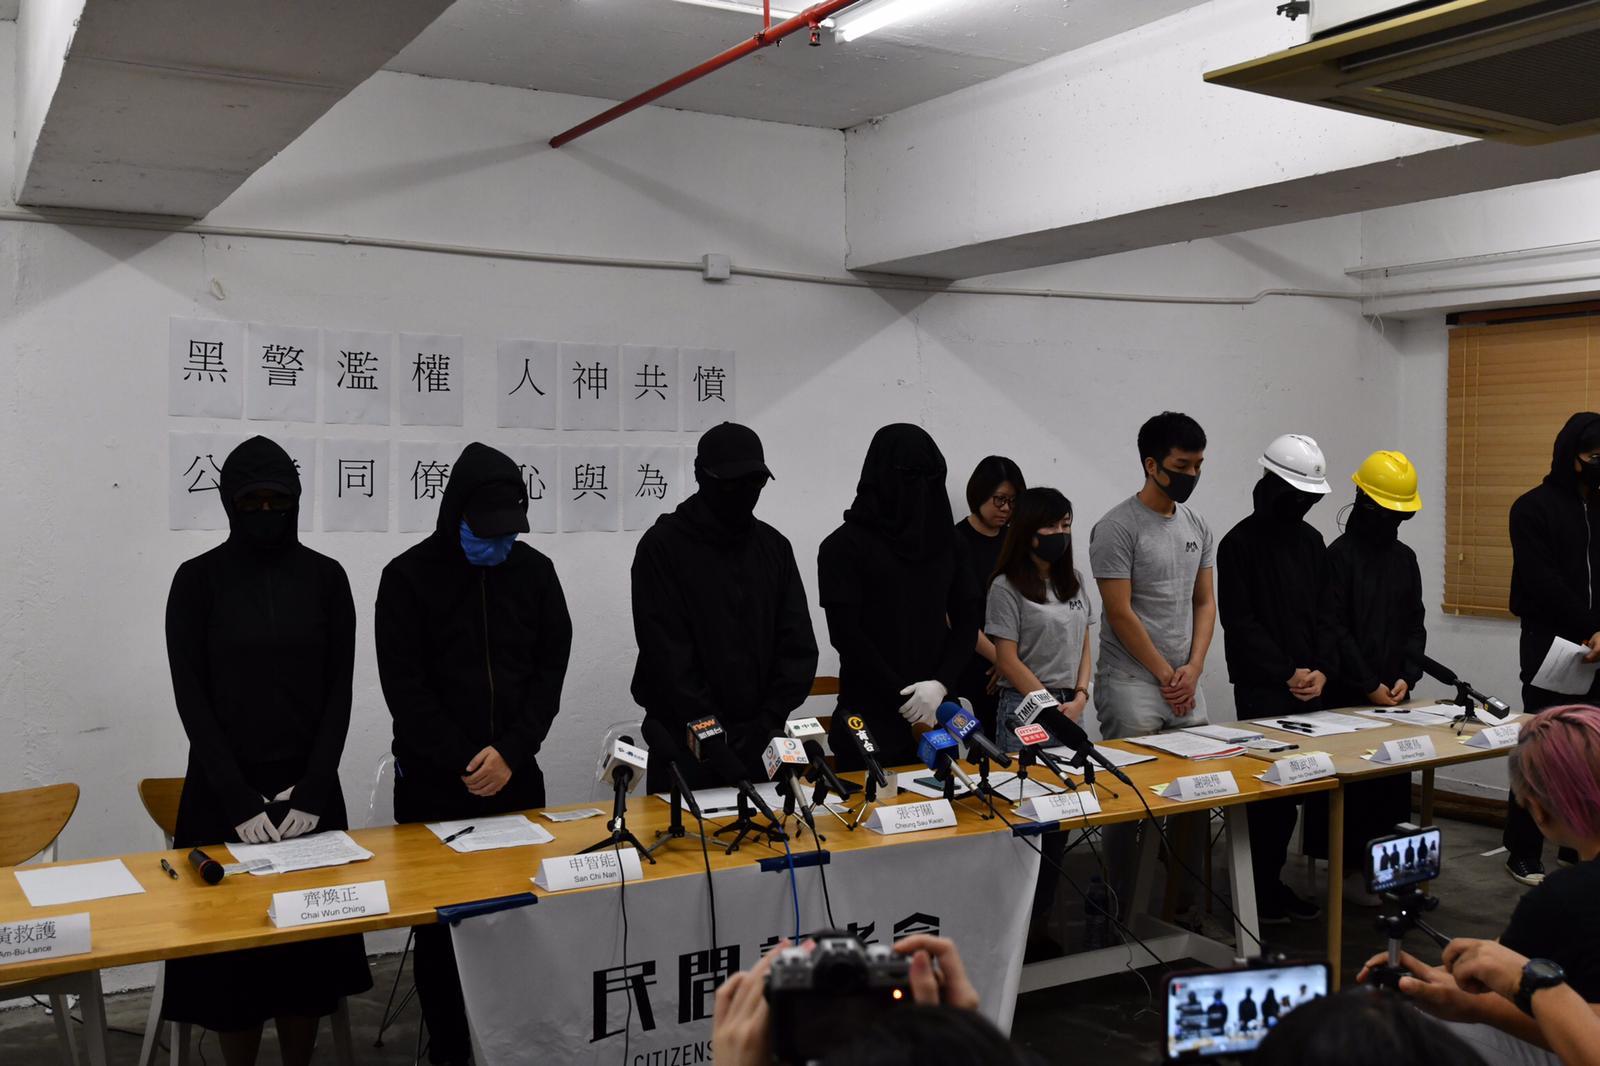 反修例民间记者会联同自称纪律人员 批评警方过度武力